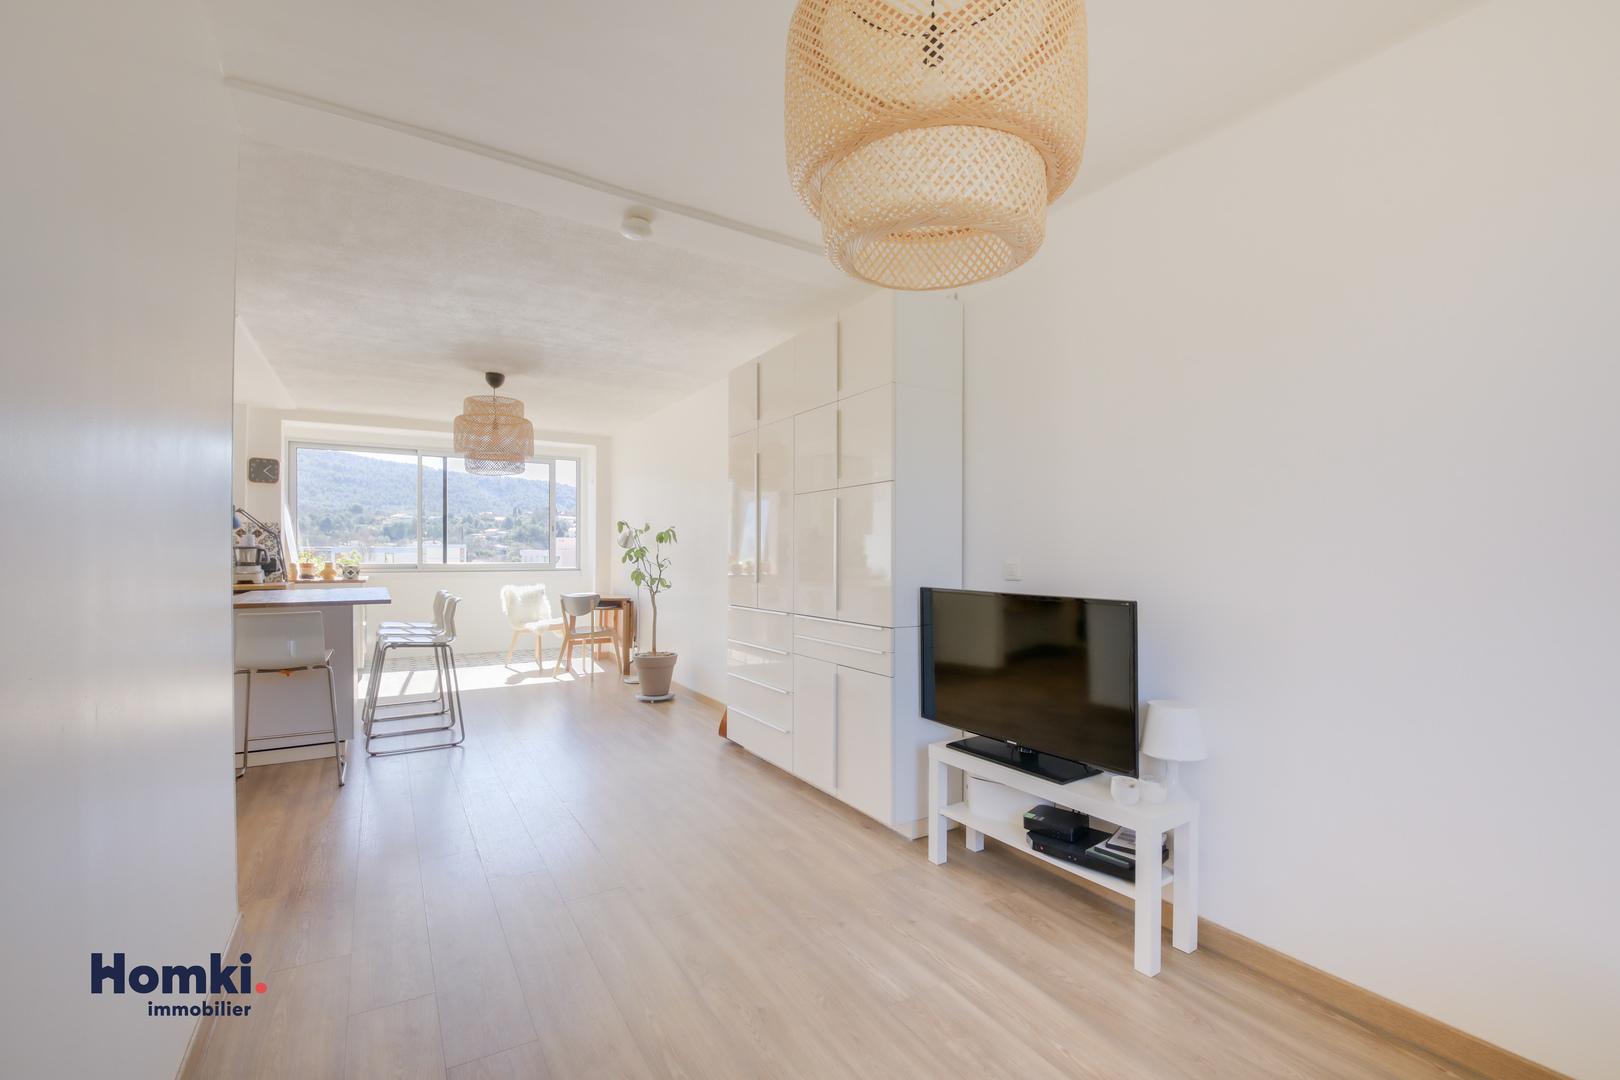 Vente Appartement 80 m² T4 13400_7